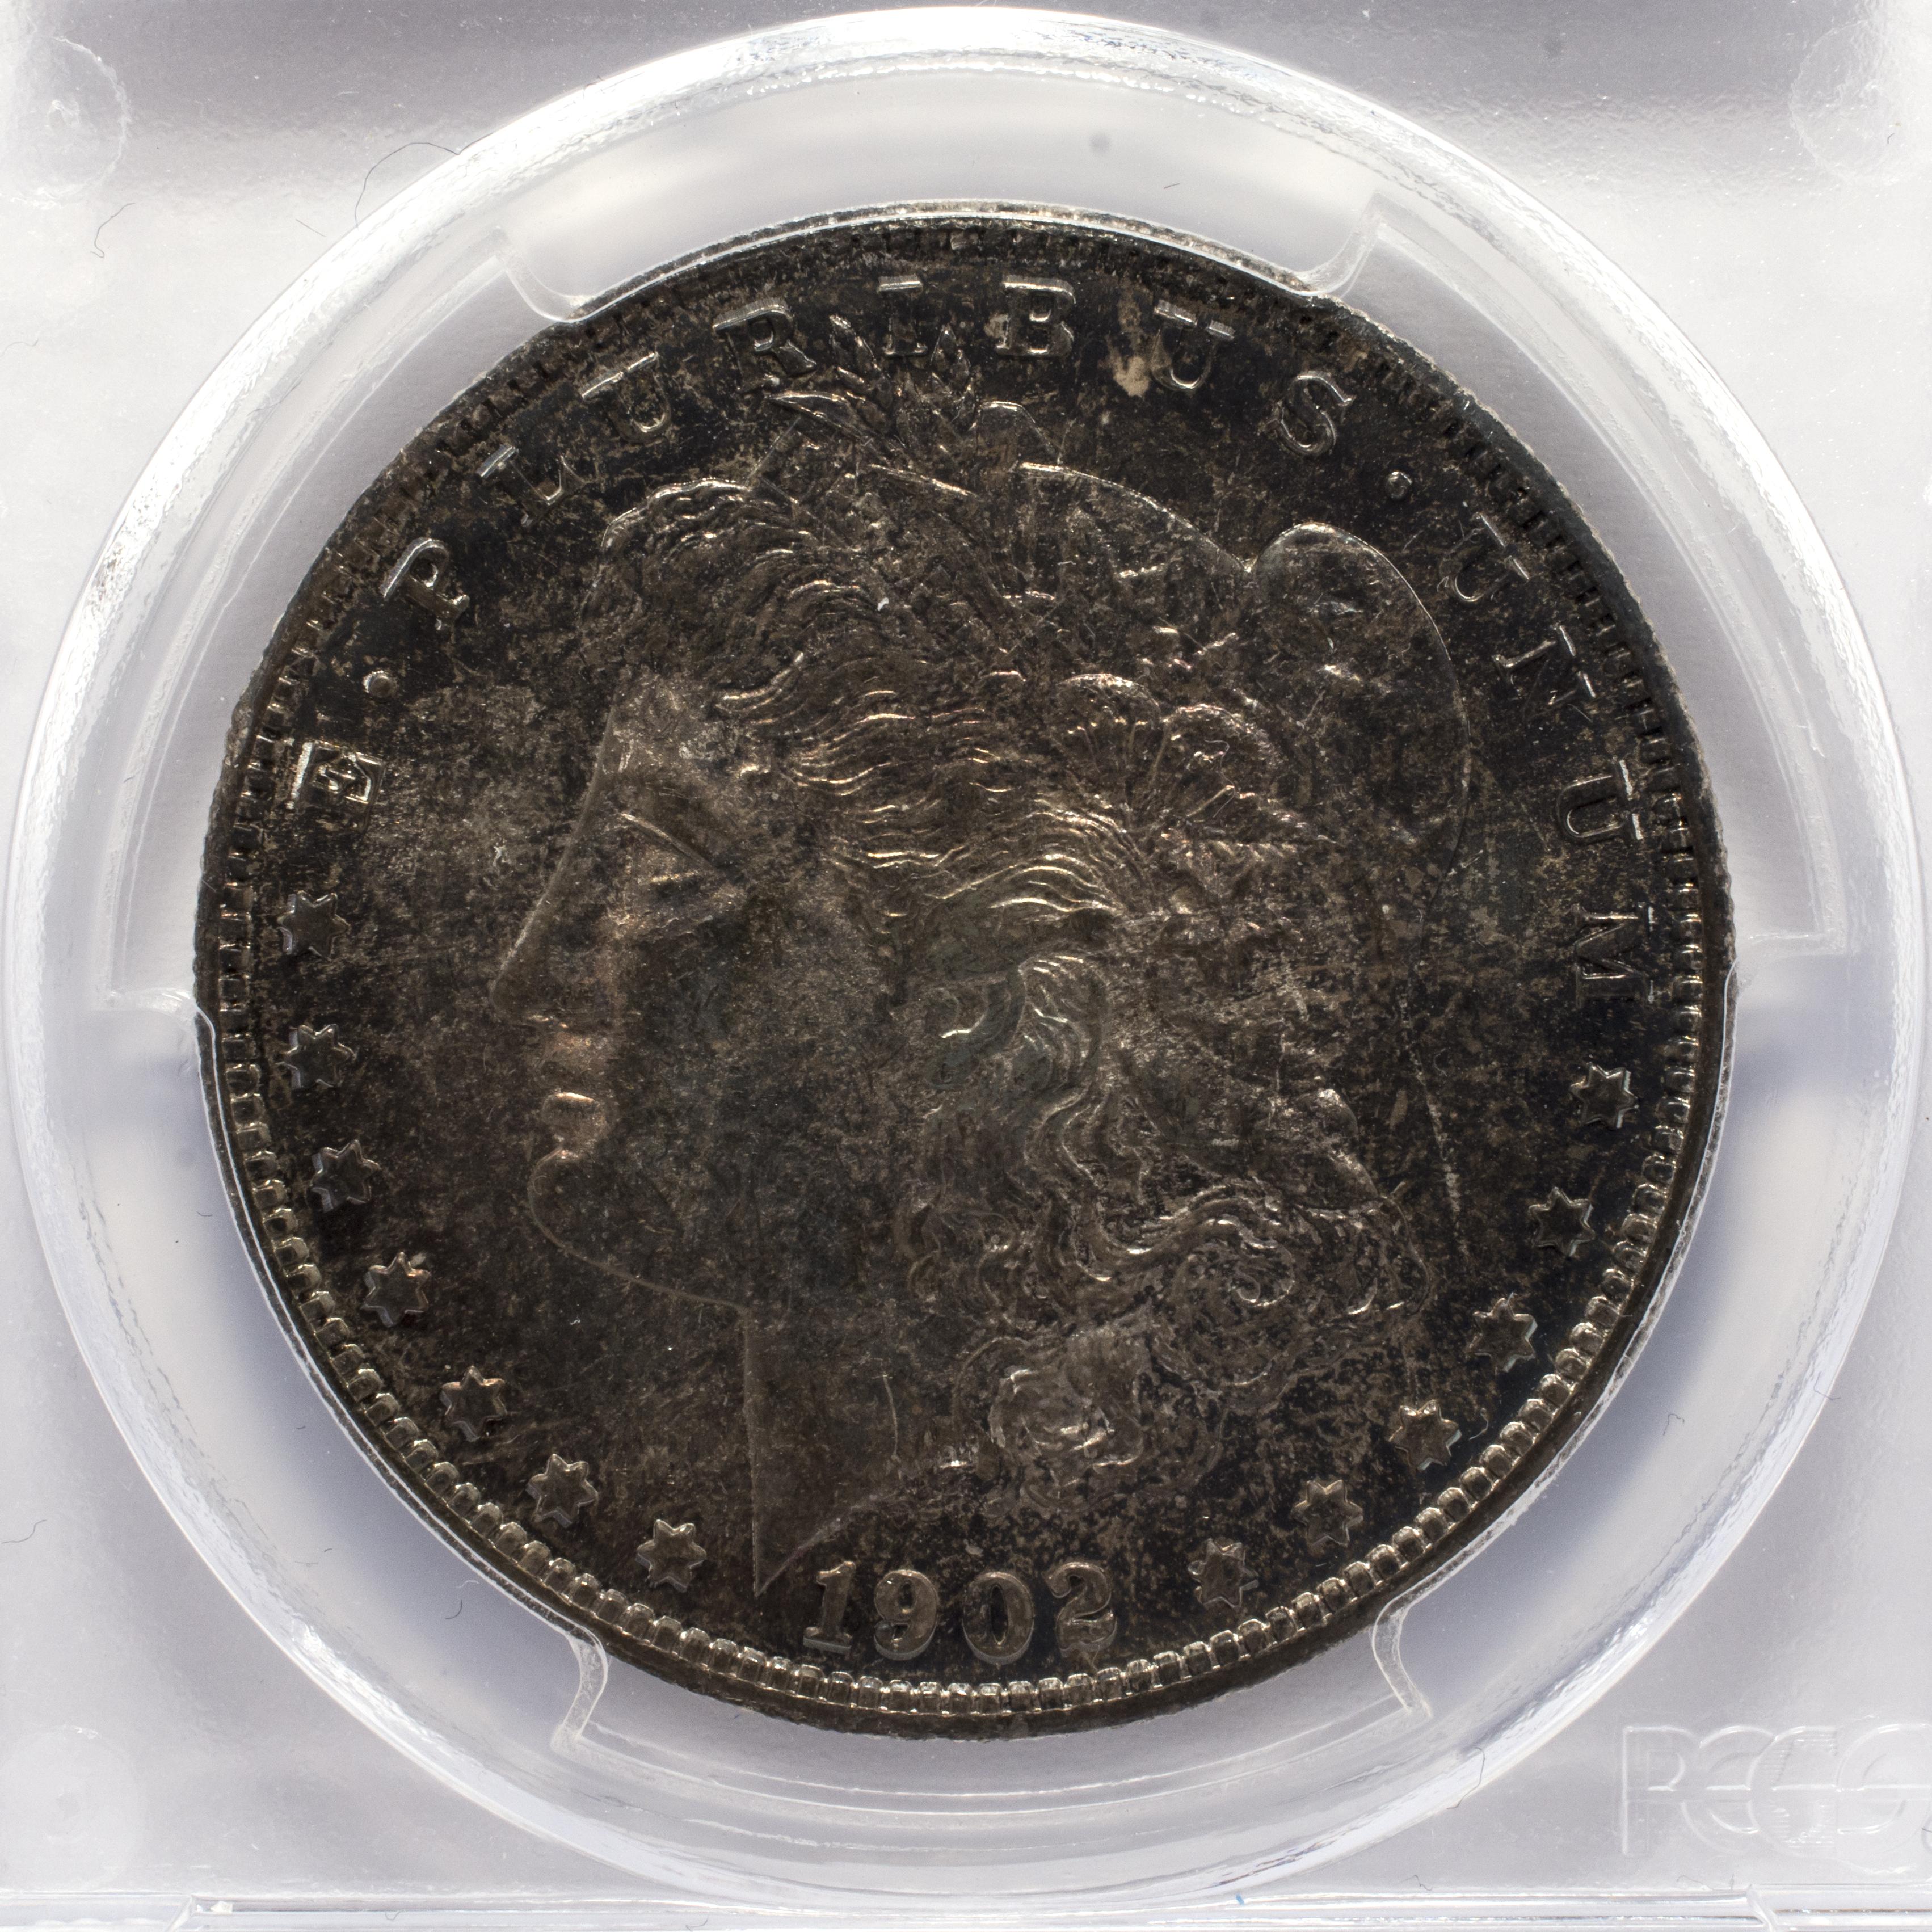 1902-O PCGS MS63 Cert. No. 7280-63-31644695